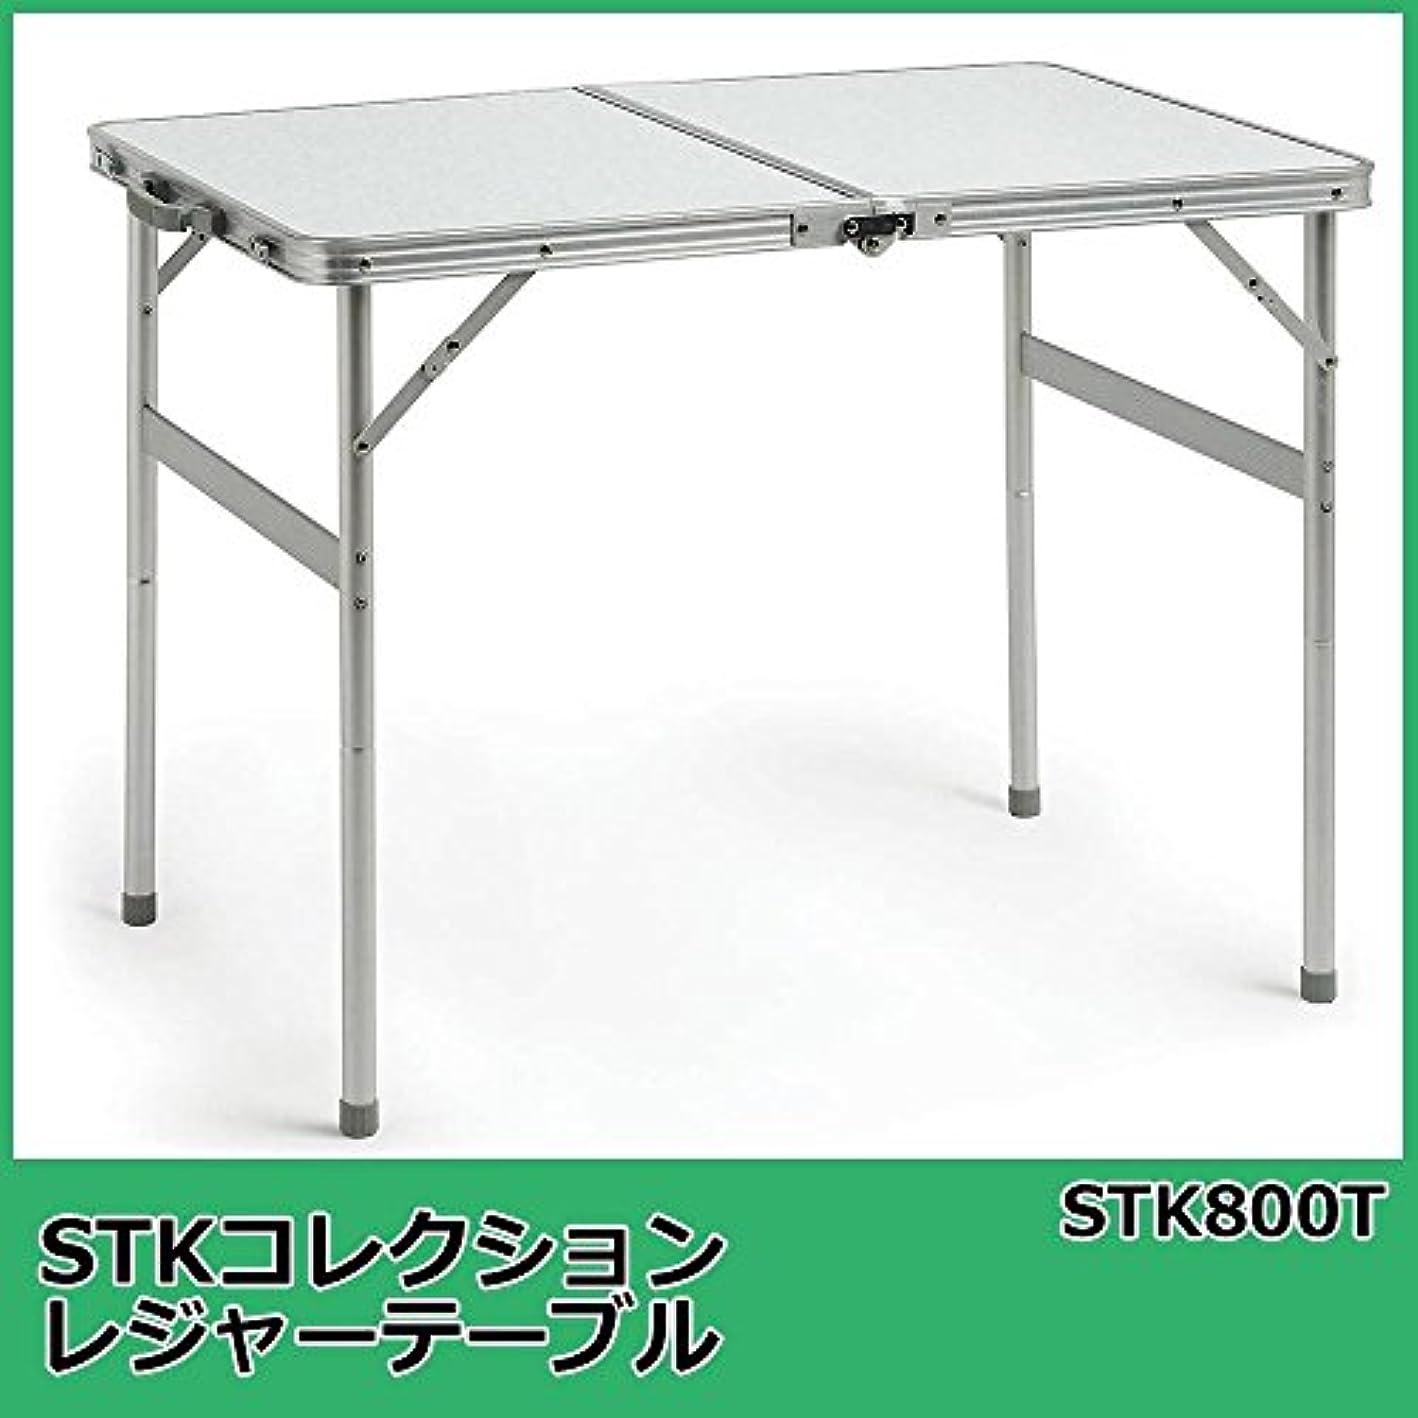 割れ目事前にエレクトロニック簡単設置!コンパクト収納! STKコレクション レジャーテーブル STK800T【同梱?代引不可】